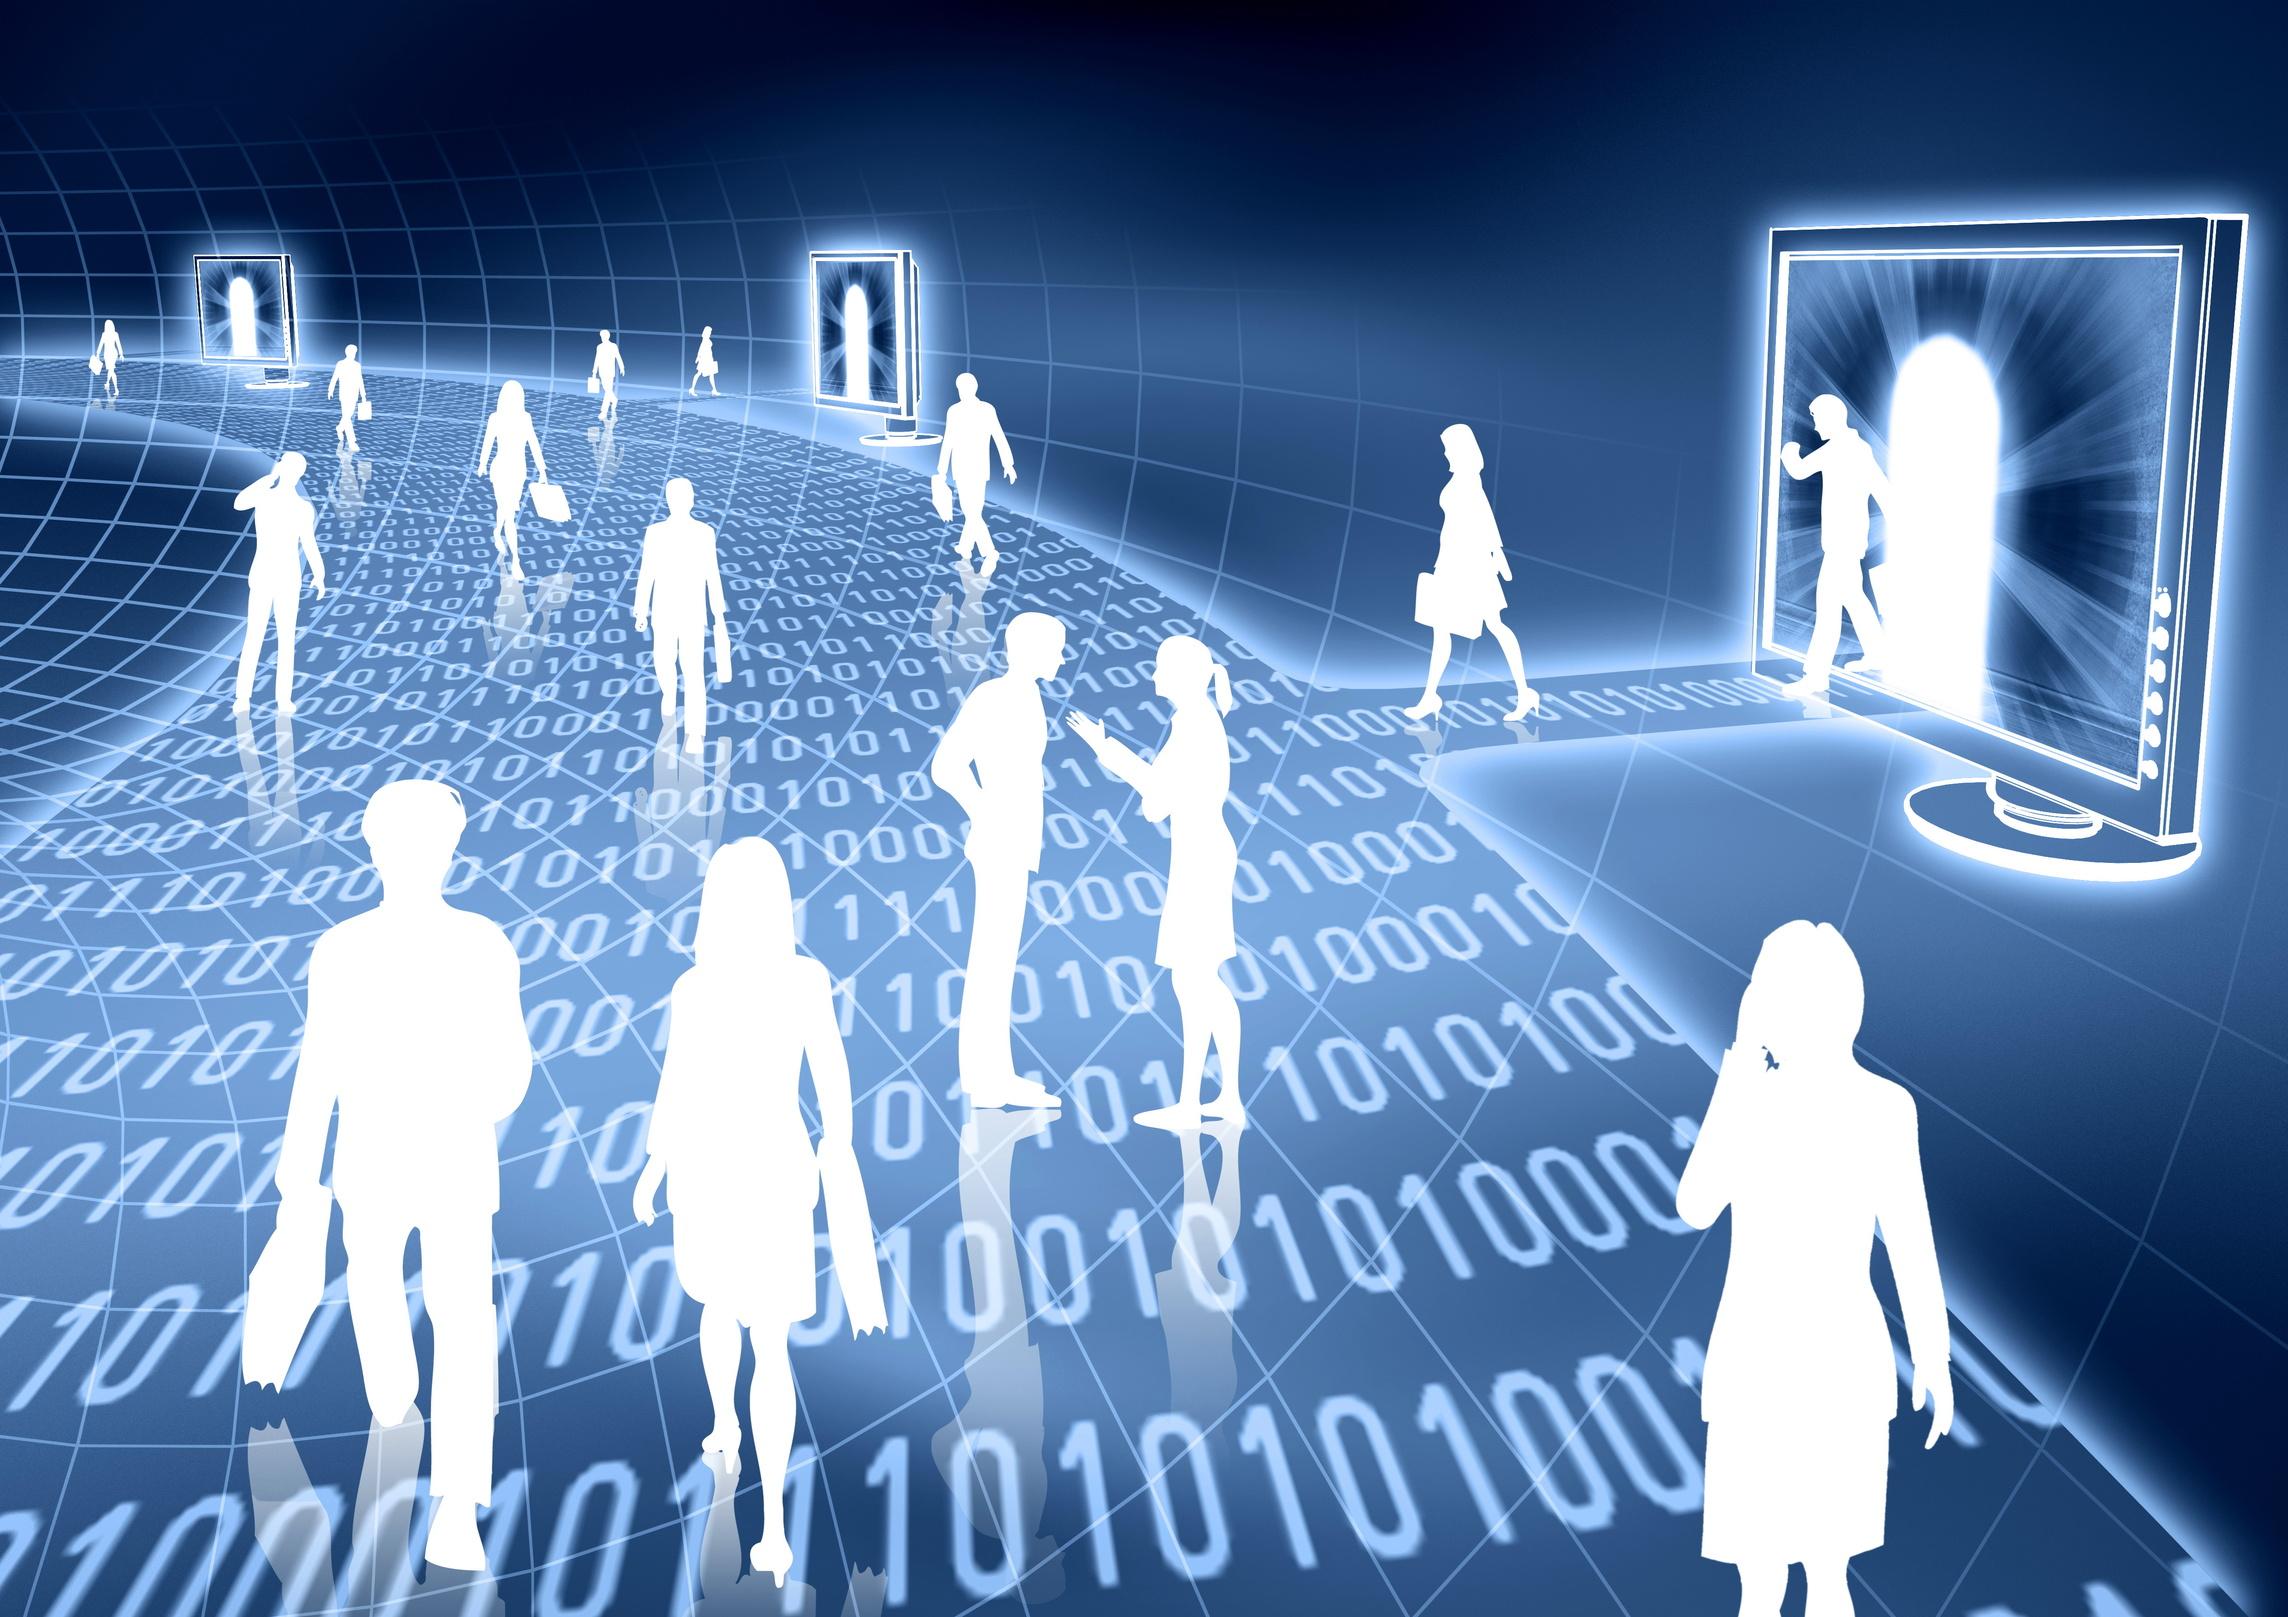 """Résultat de recherche d'images pour """"future internet"""""""